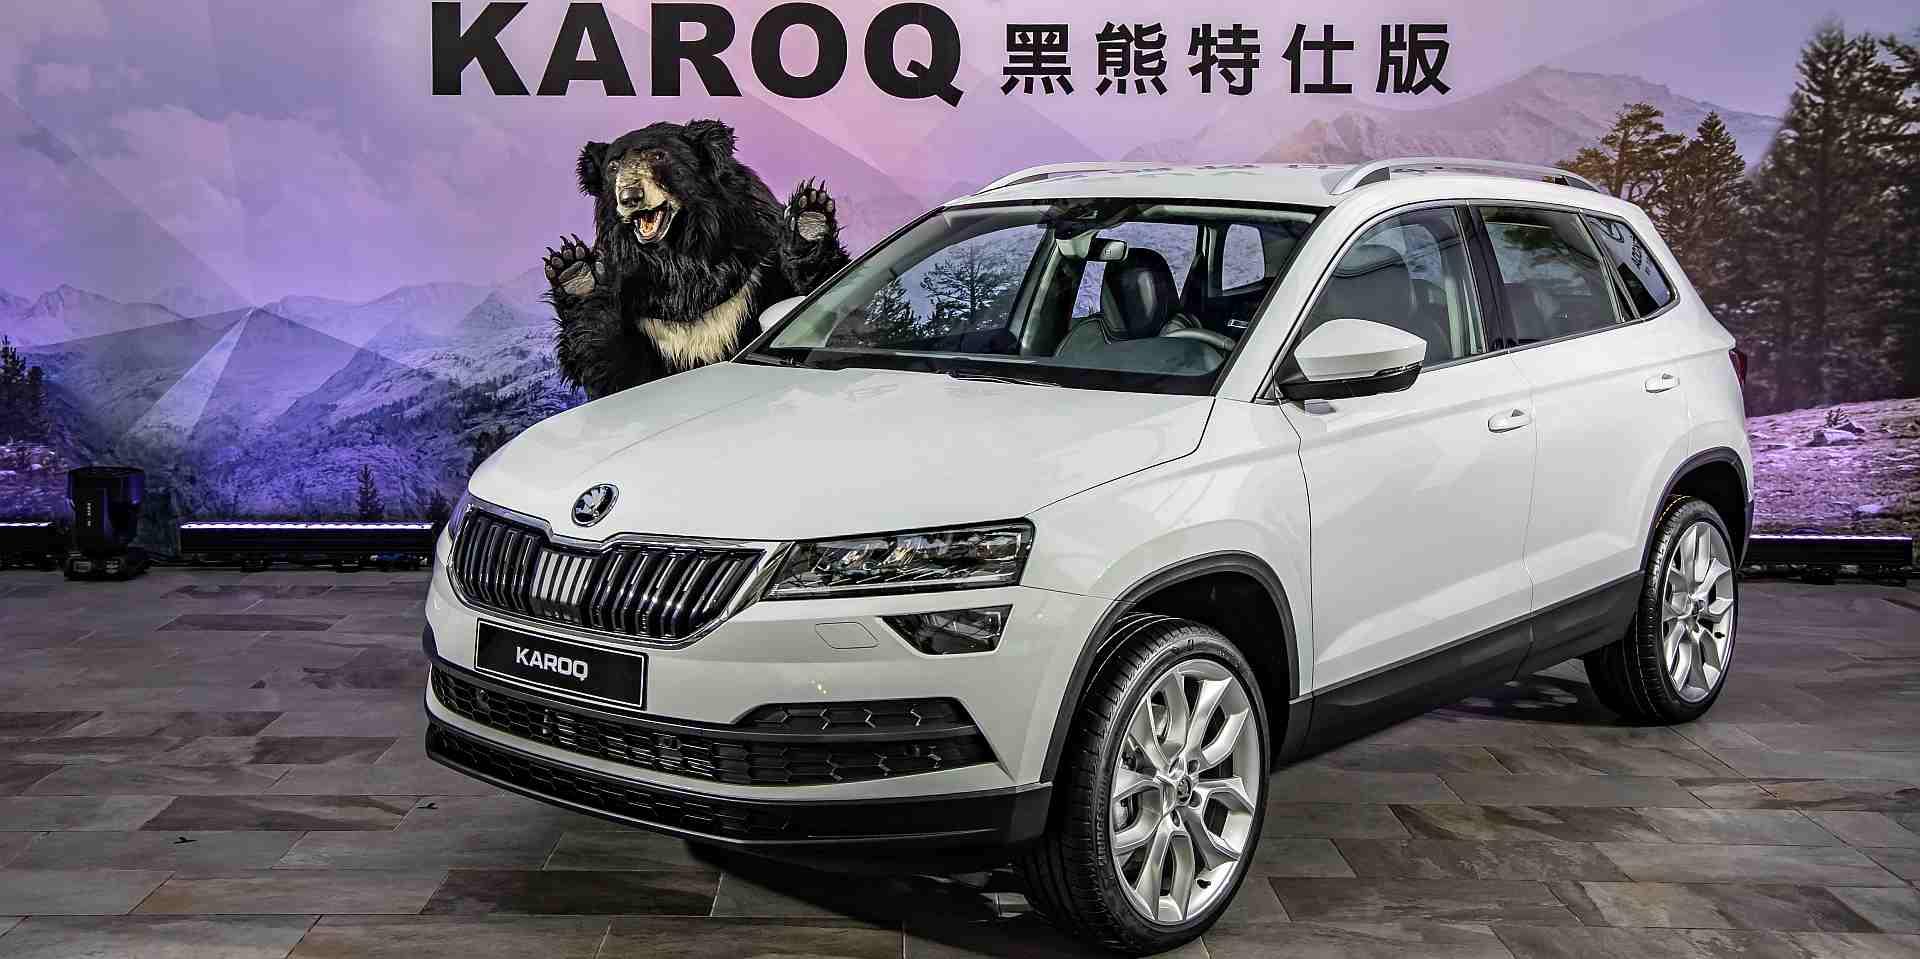 百萬內唯一歐洲原裝進口中型 SUV— ŠKODA KAROQ 推出限量黑熊特仕版